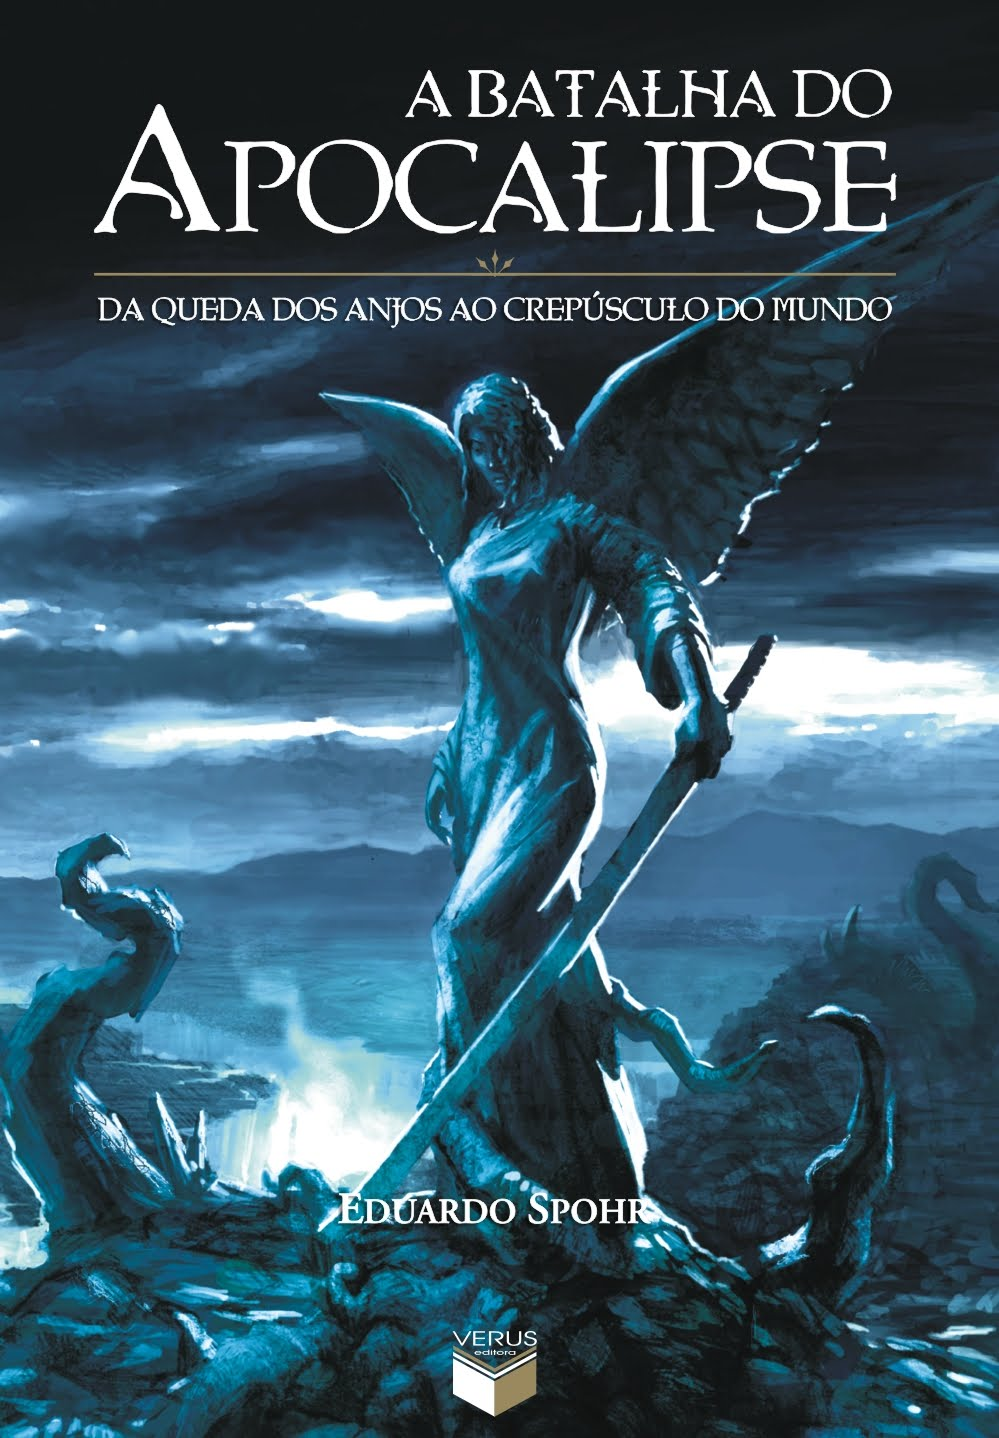 Photo of A Batalha do Apocalipse | Anjos e demônios decidem o destino da humanidade no Dia do Juízo Final! (Livro)